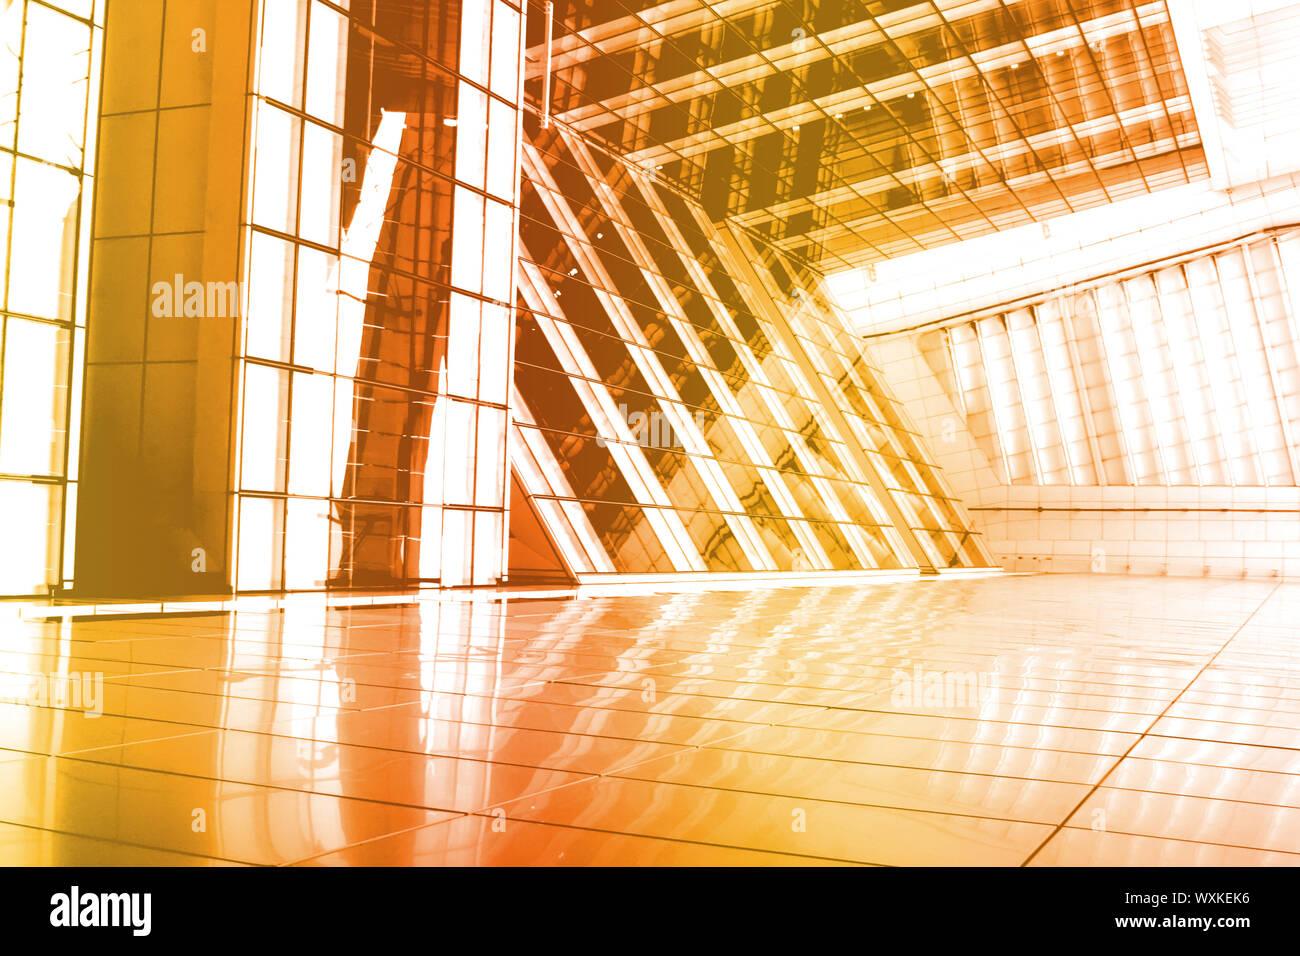 Résumé Fond orange bâtiment avec angle intéressant Banque D'Images